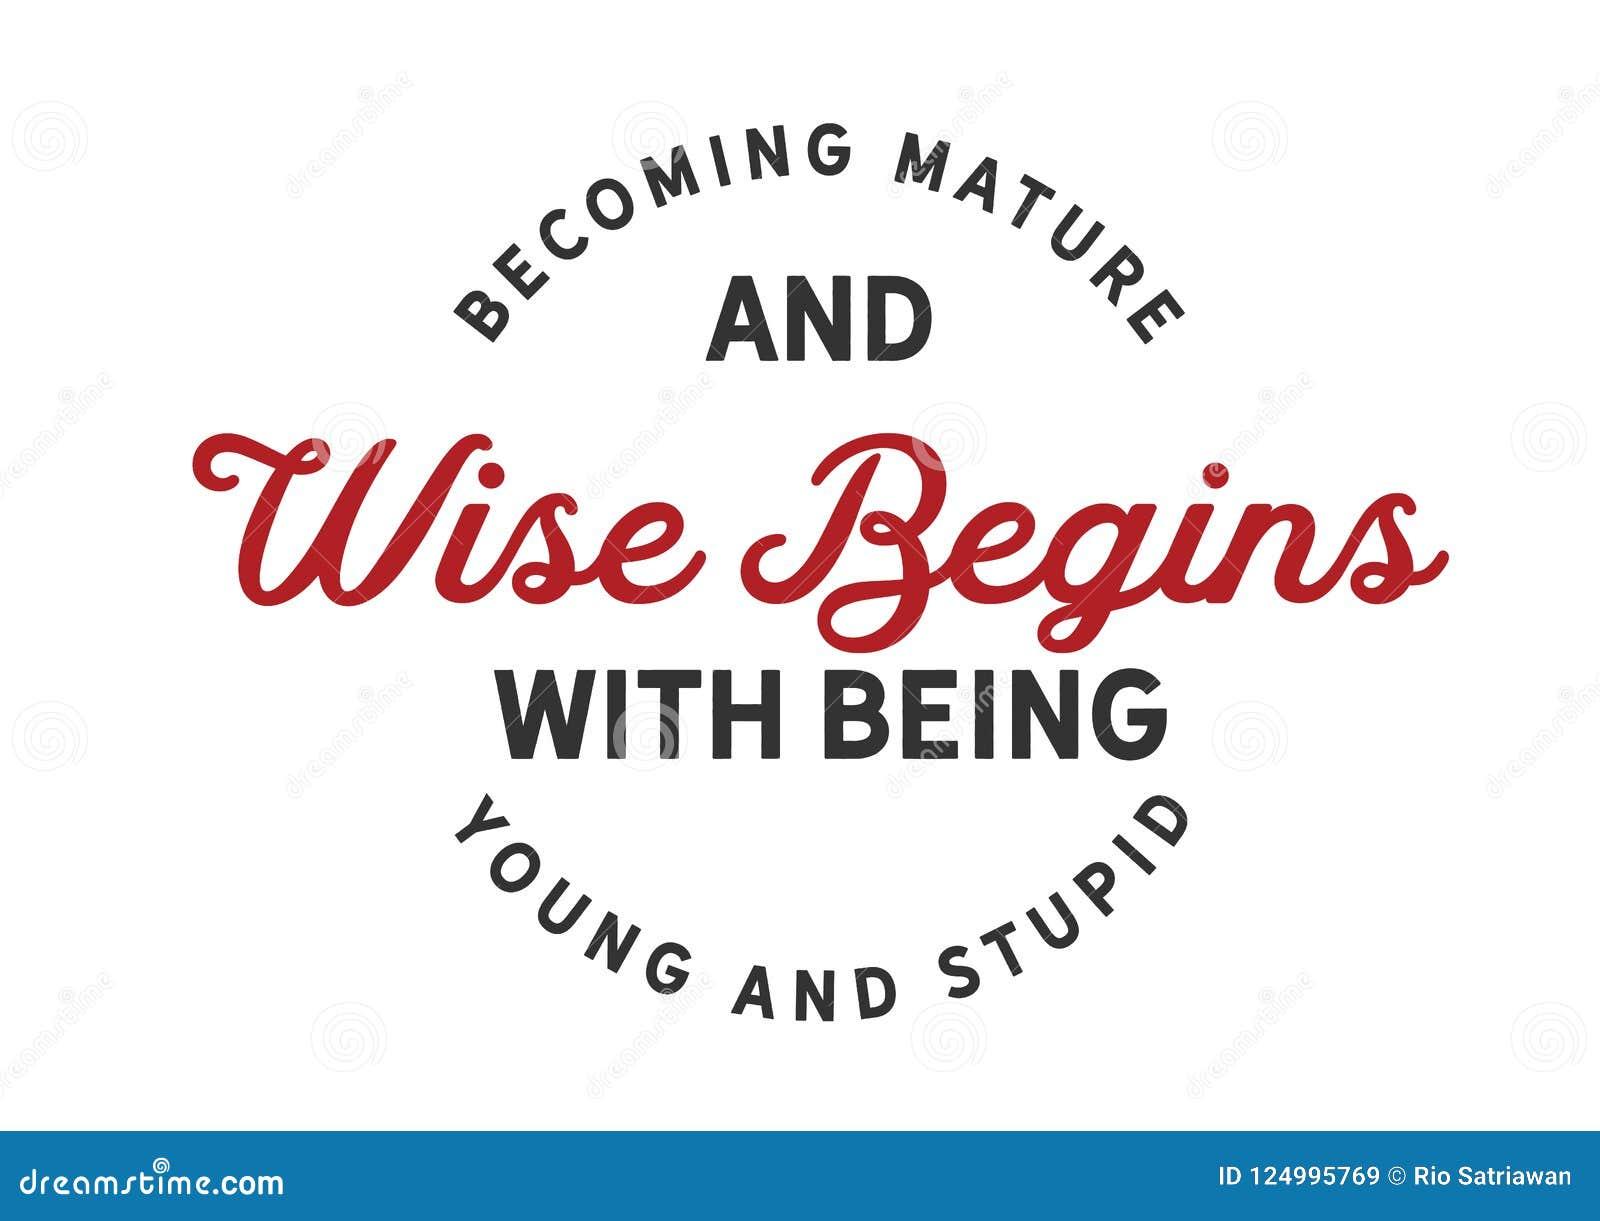 Tornar-se maduro e sábio começa com ser novo e estúpido